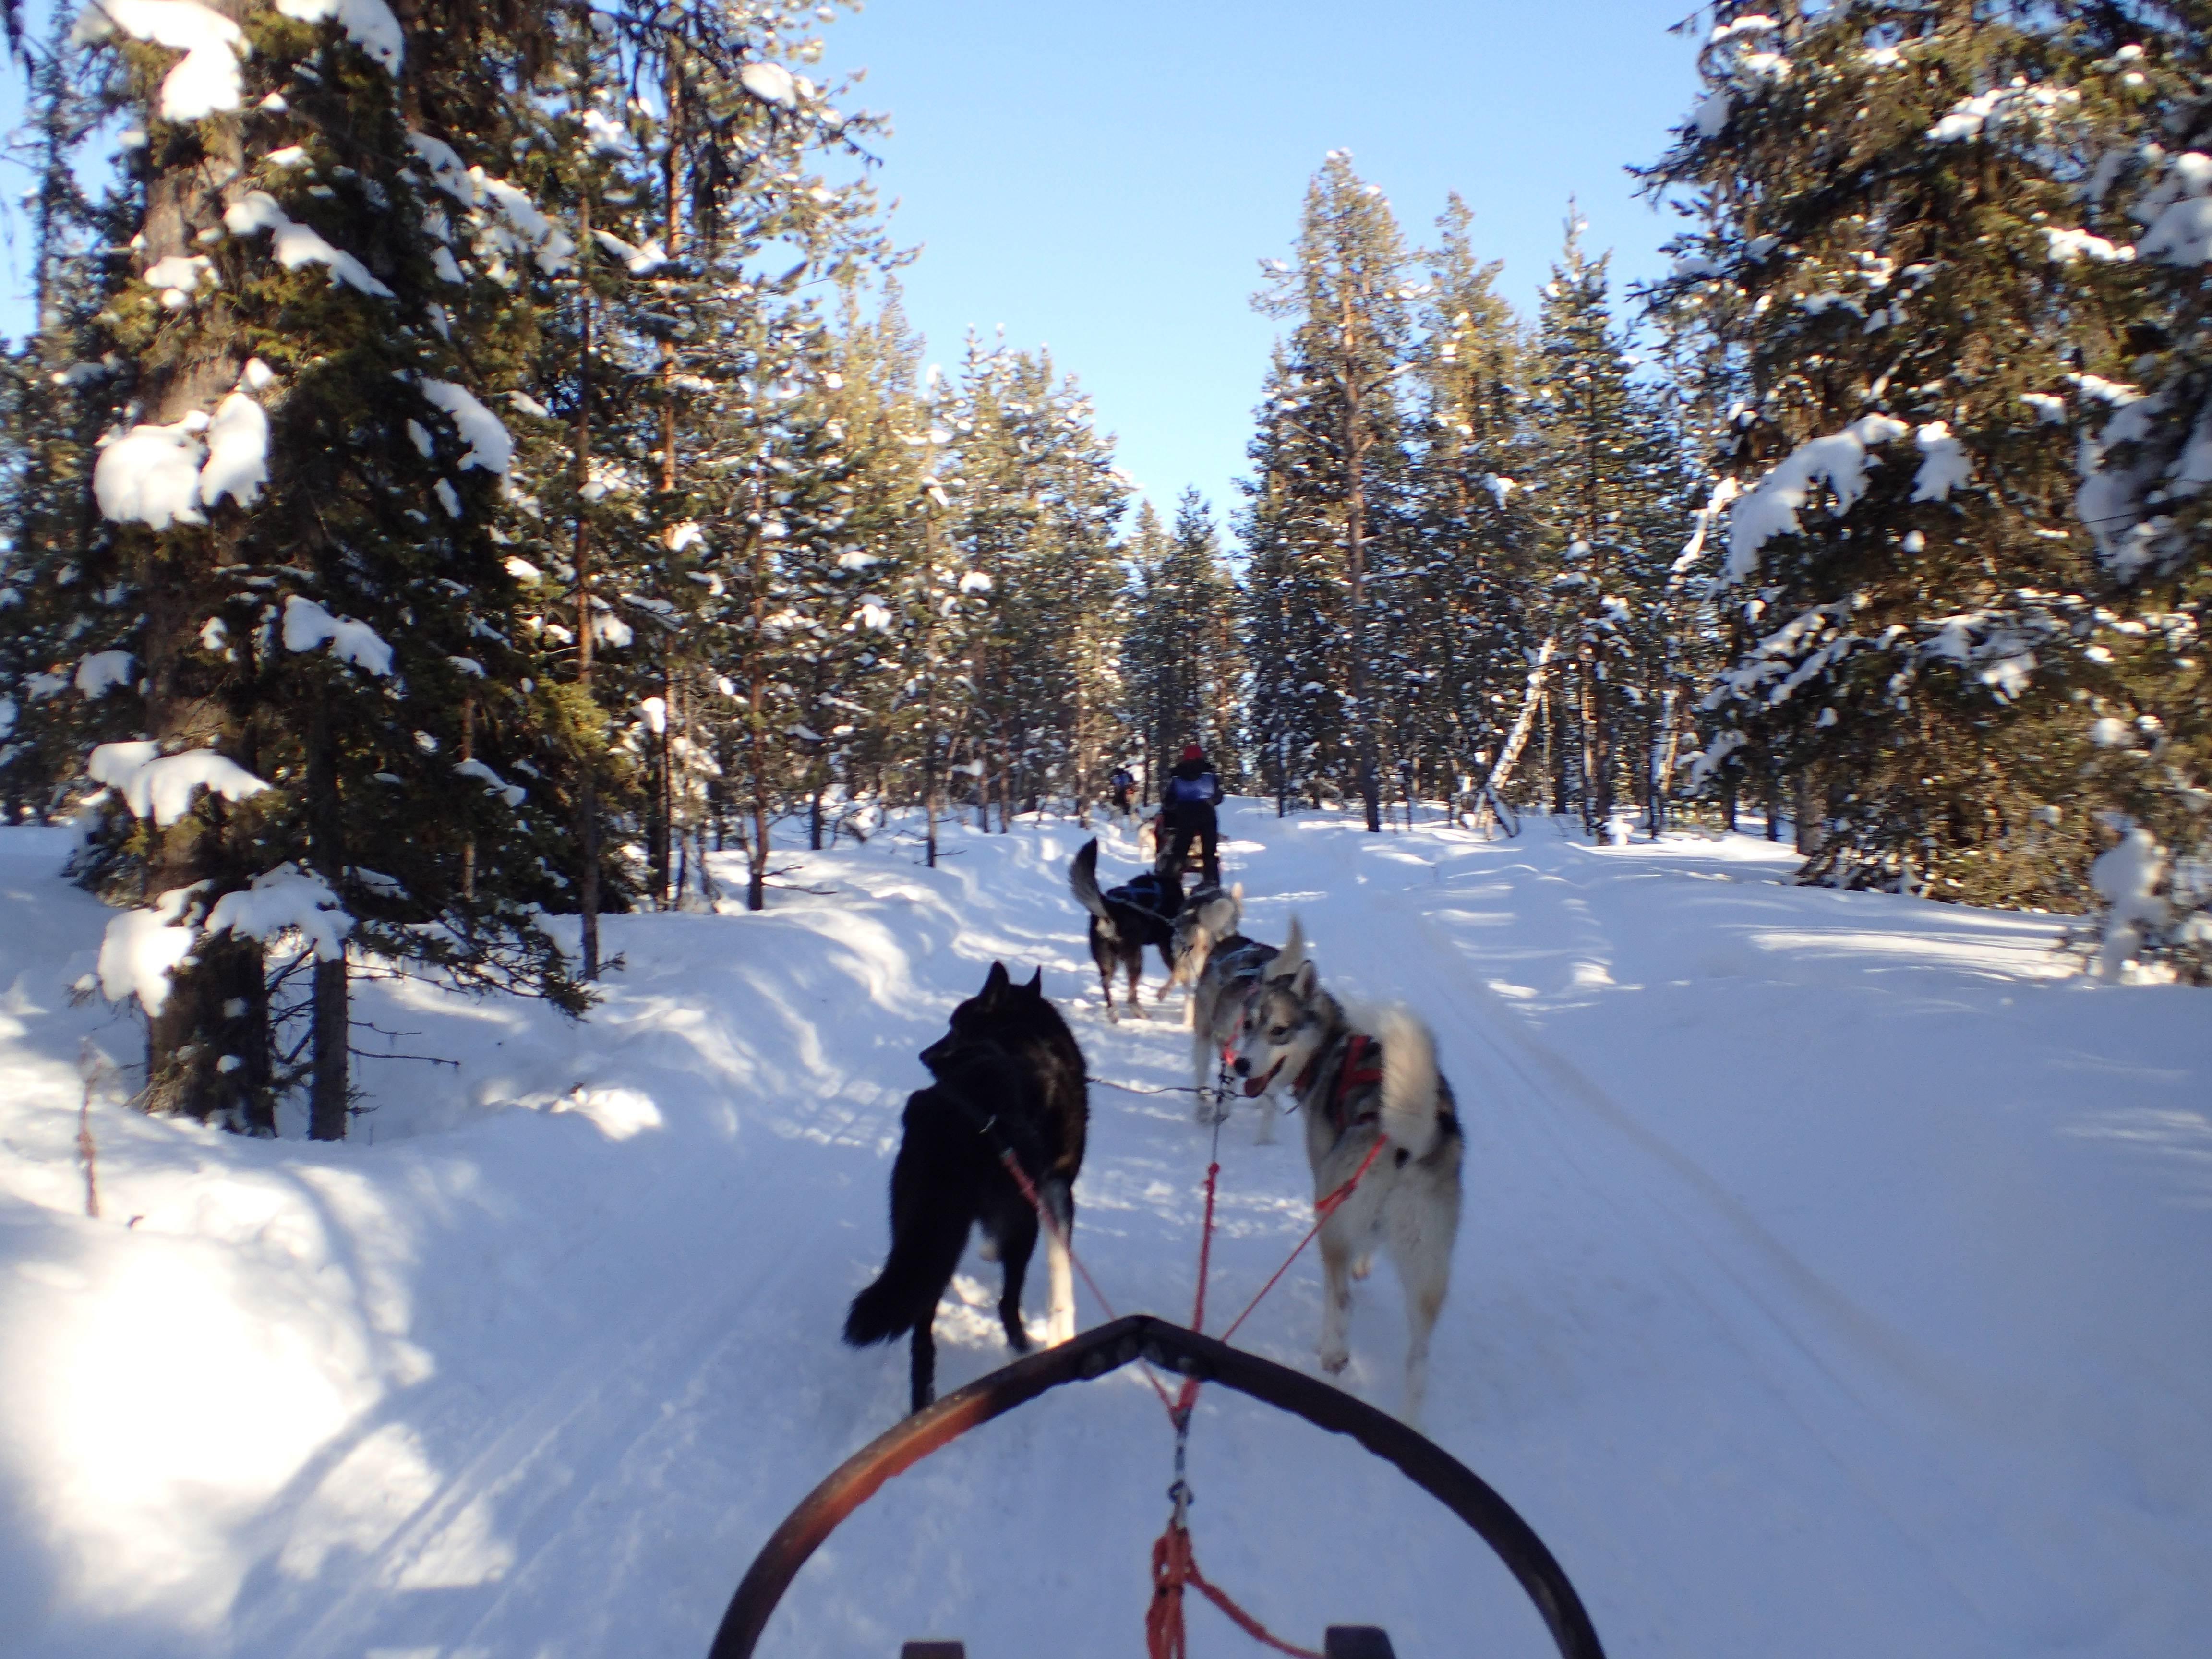 Photo 1: Une sortie en chiens de traineau, une expérience inoubliable !!!